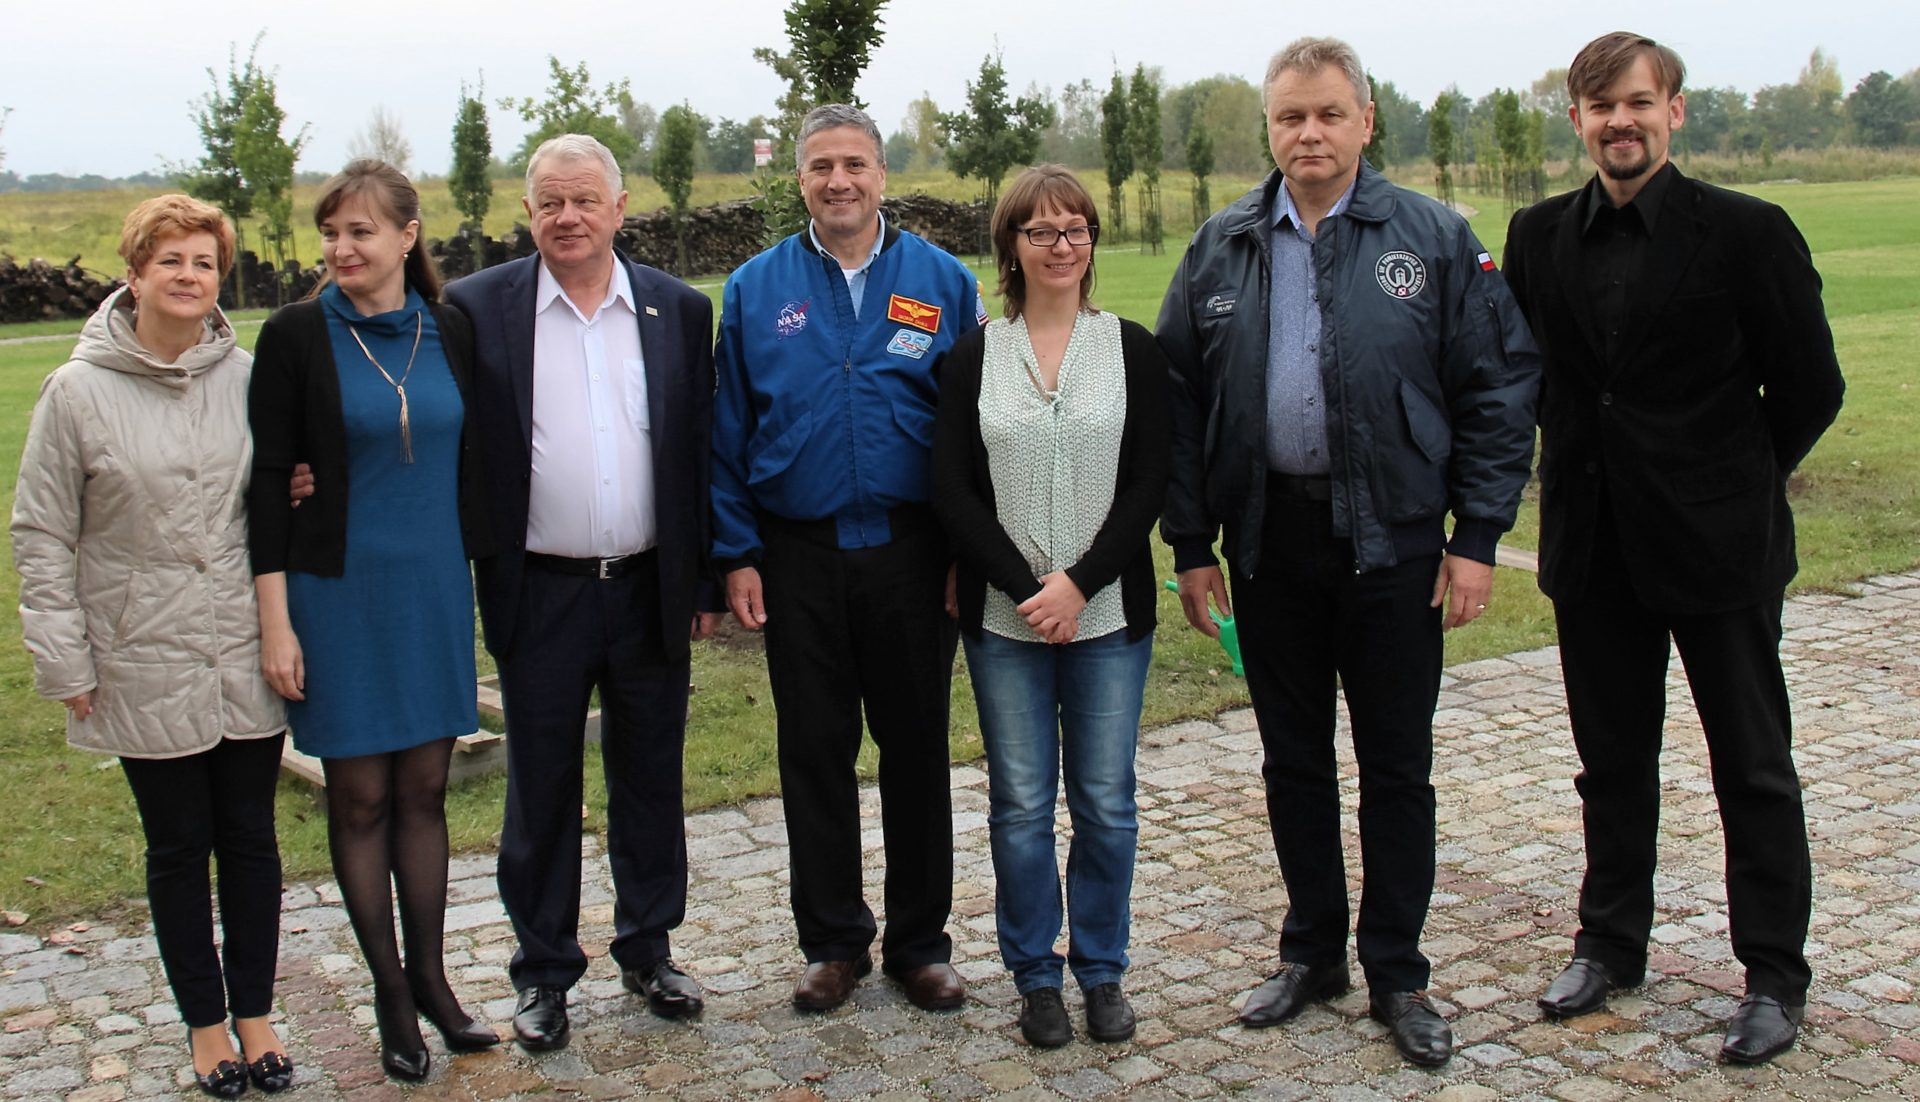 ekipa-hotelu-kosmonauty-i-muzeum-sil-powietrznych-z-georgem-zamka-amerykanskim-astronauta